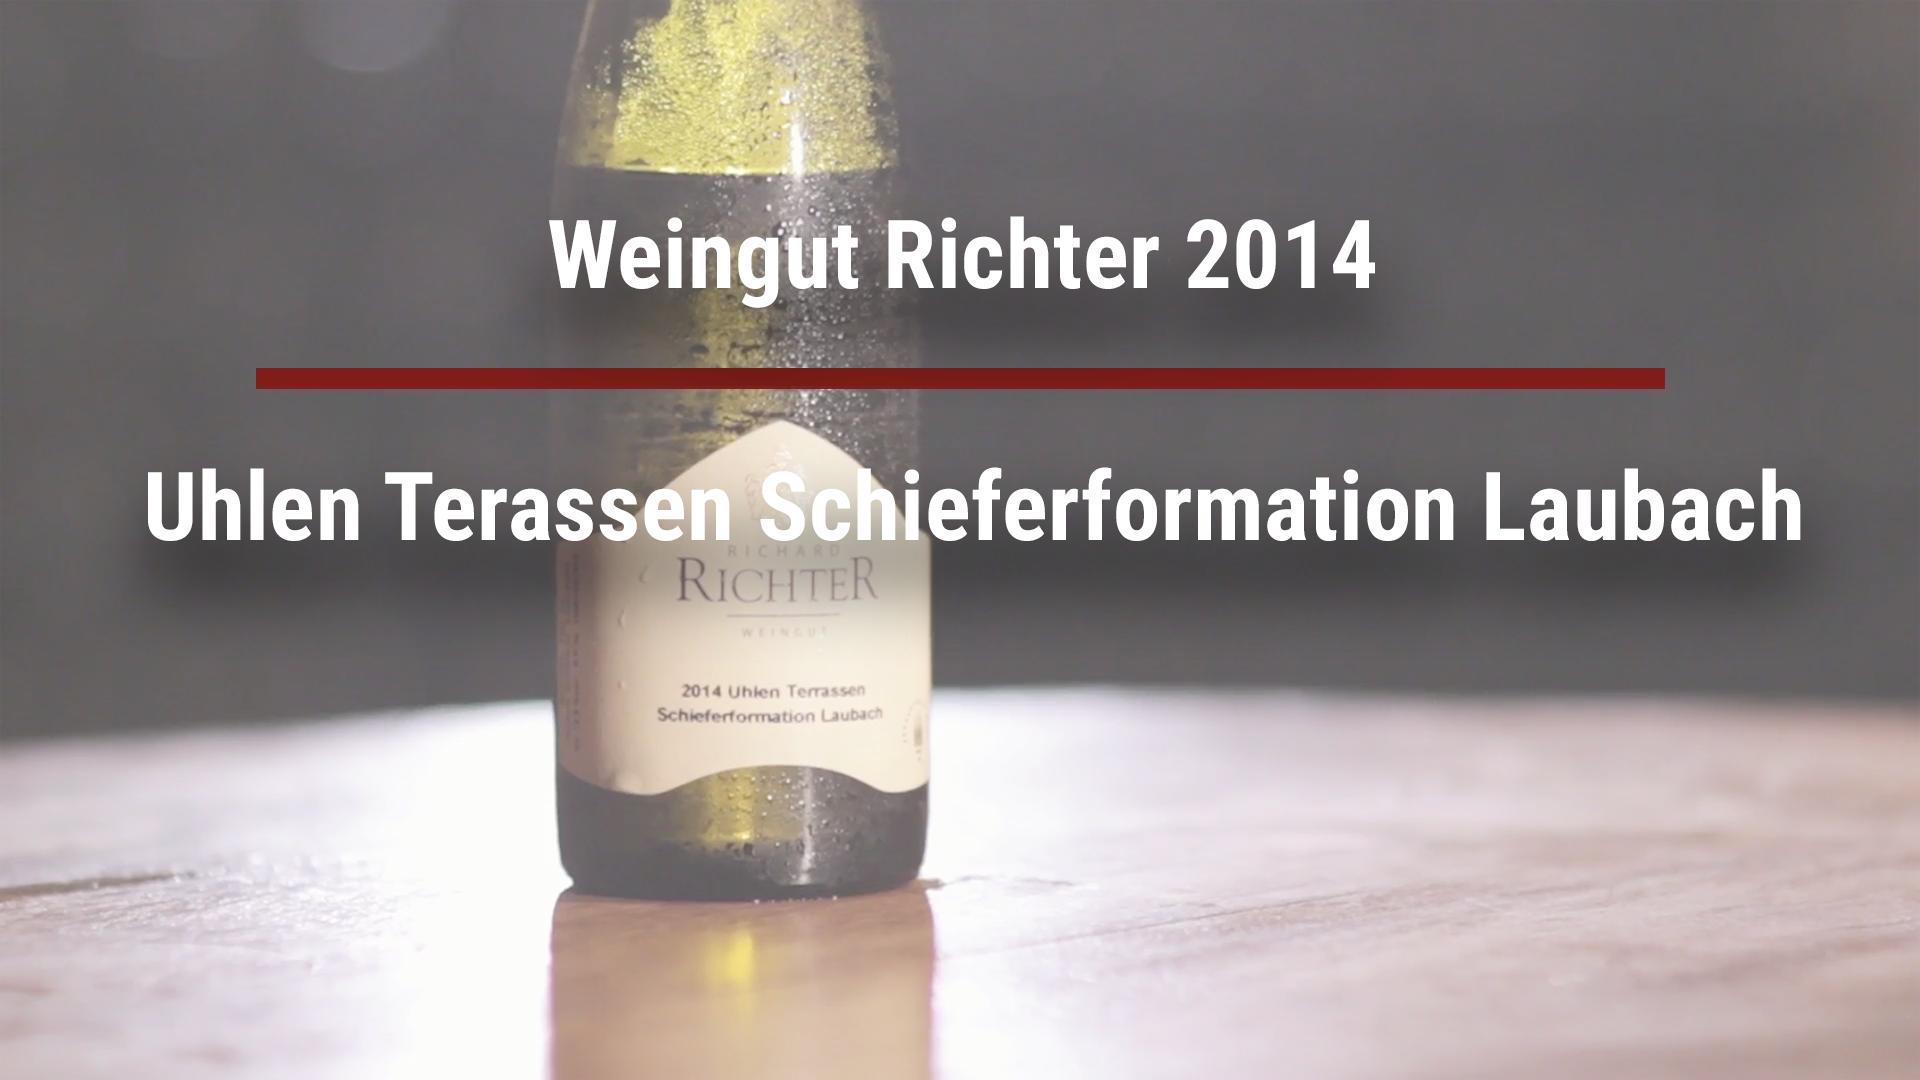 Weingut Richter 2014 Uhlen Terassen Schieferformation Laubach